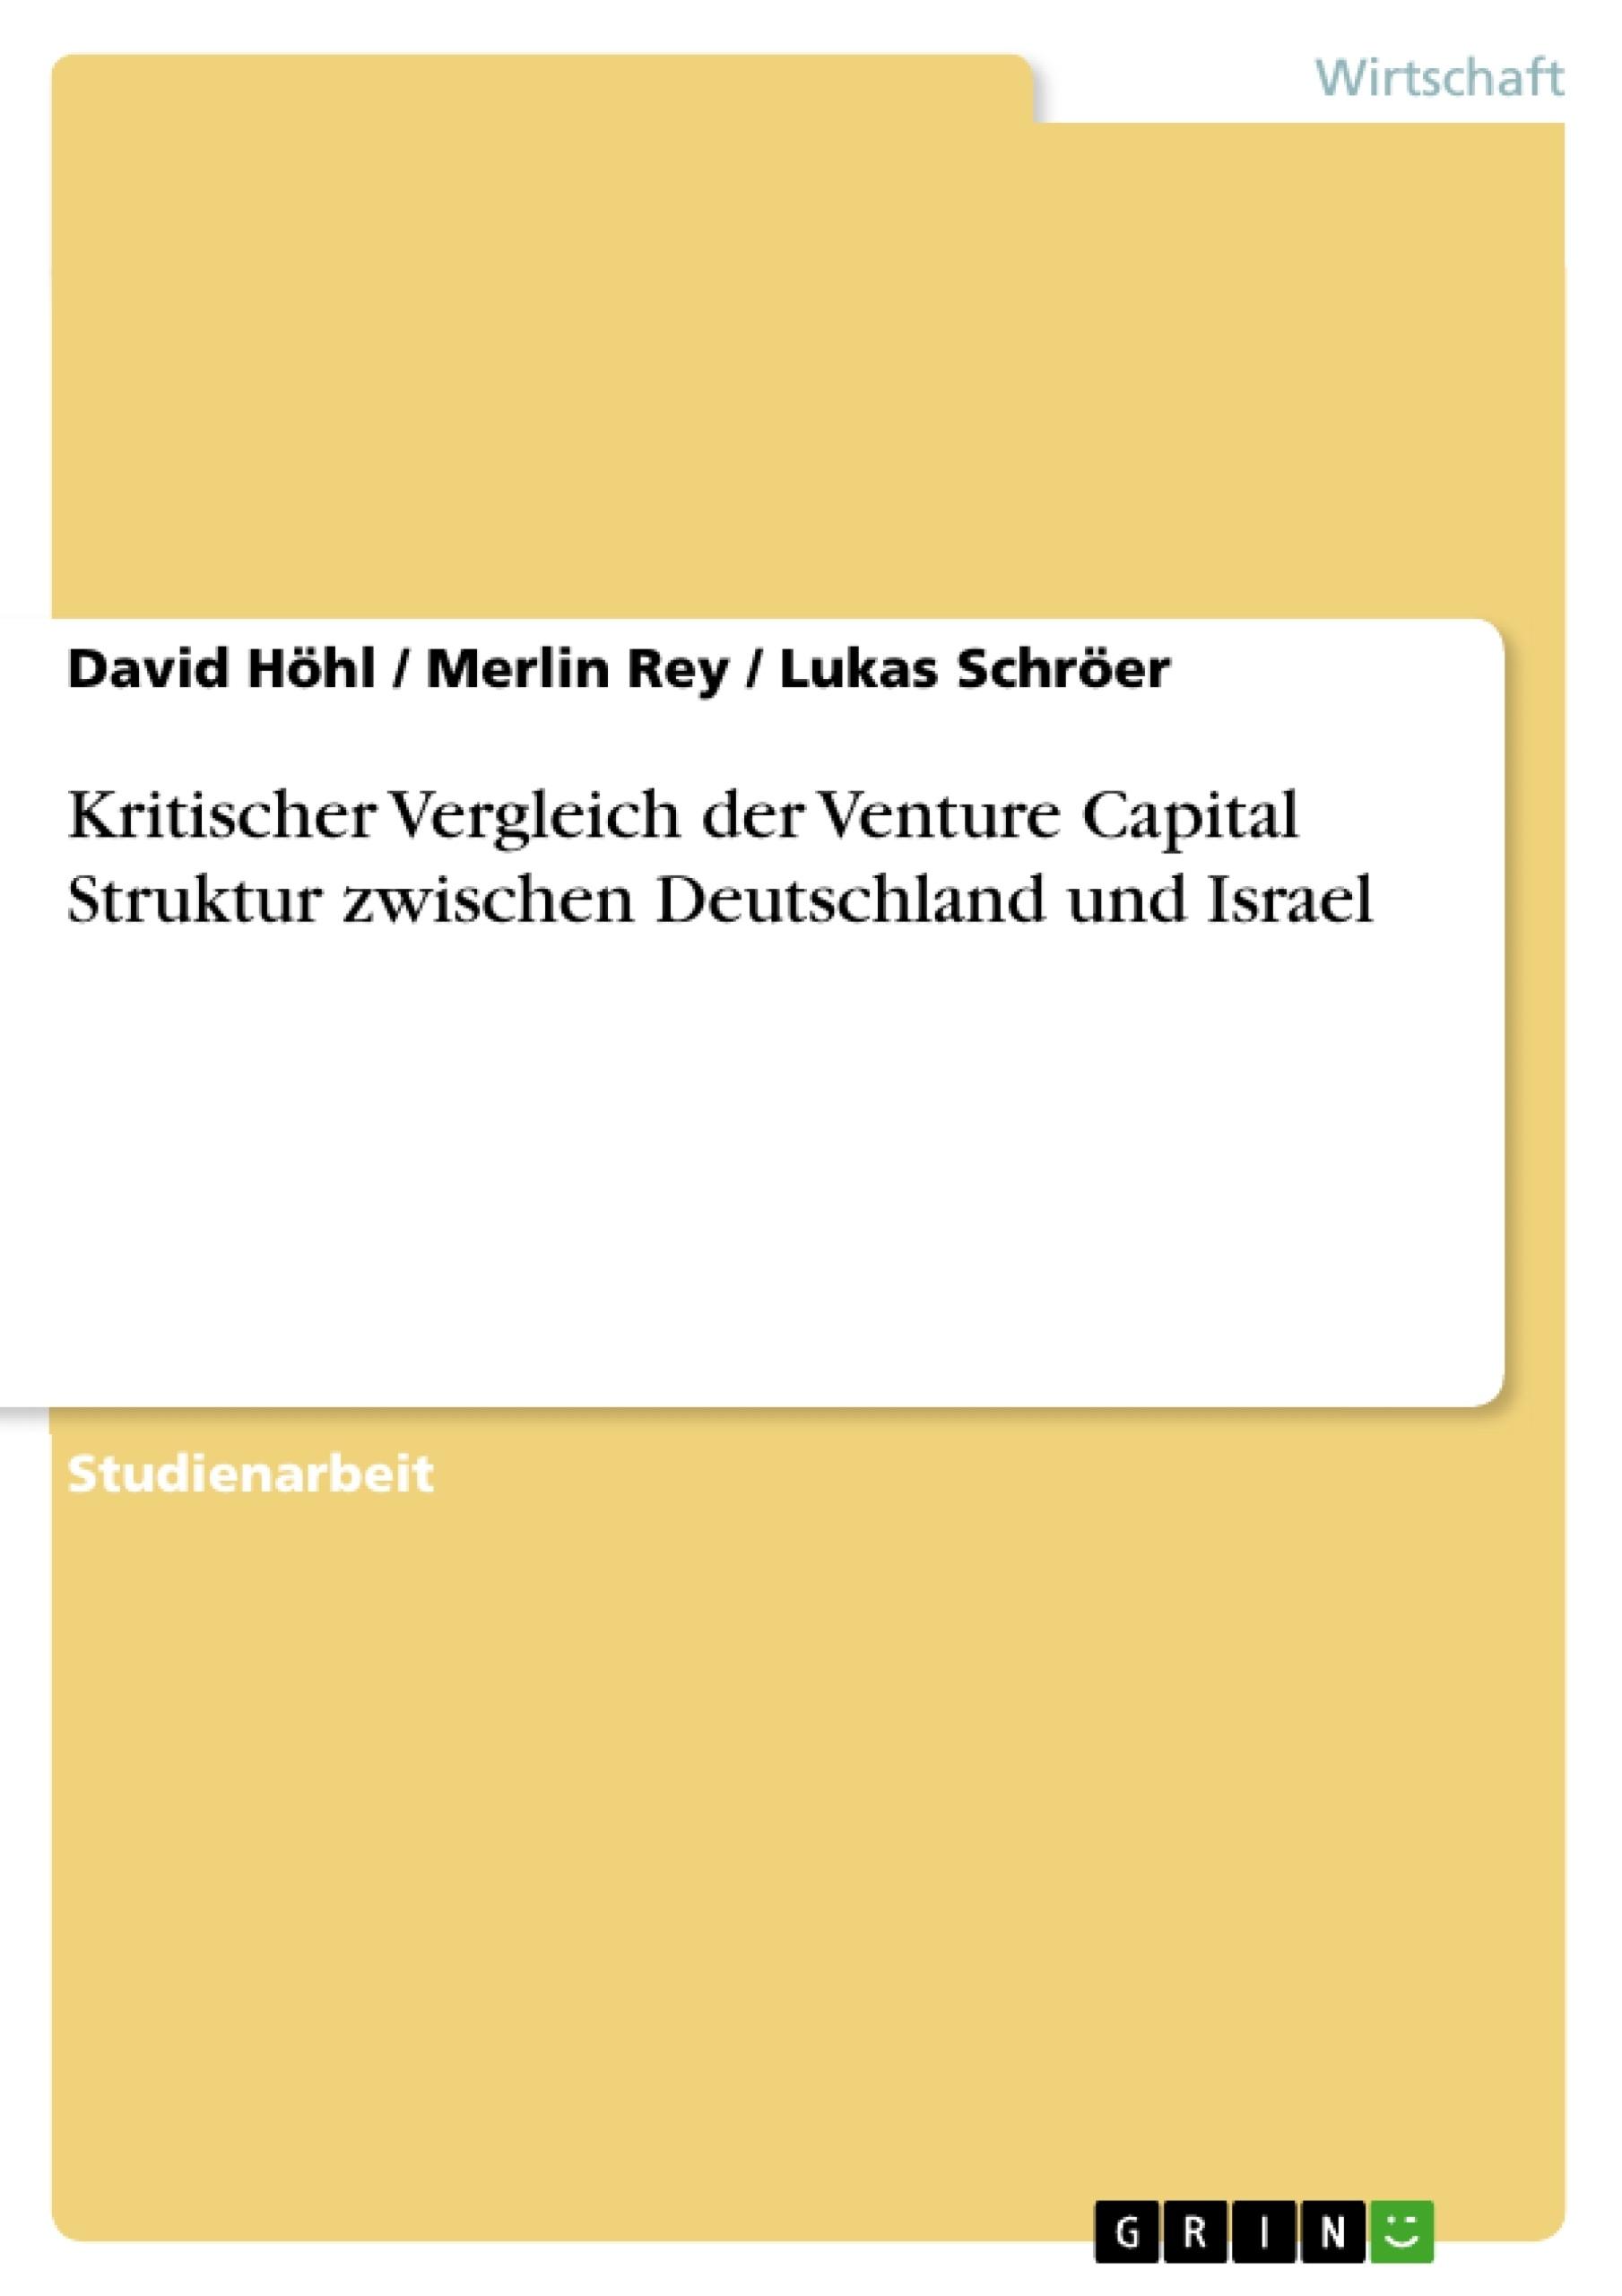 Titel: Kritischer Vergleich der Venture Capital Struktur zwischen Deutschland und Israel